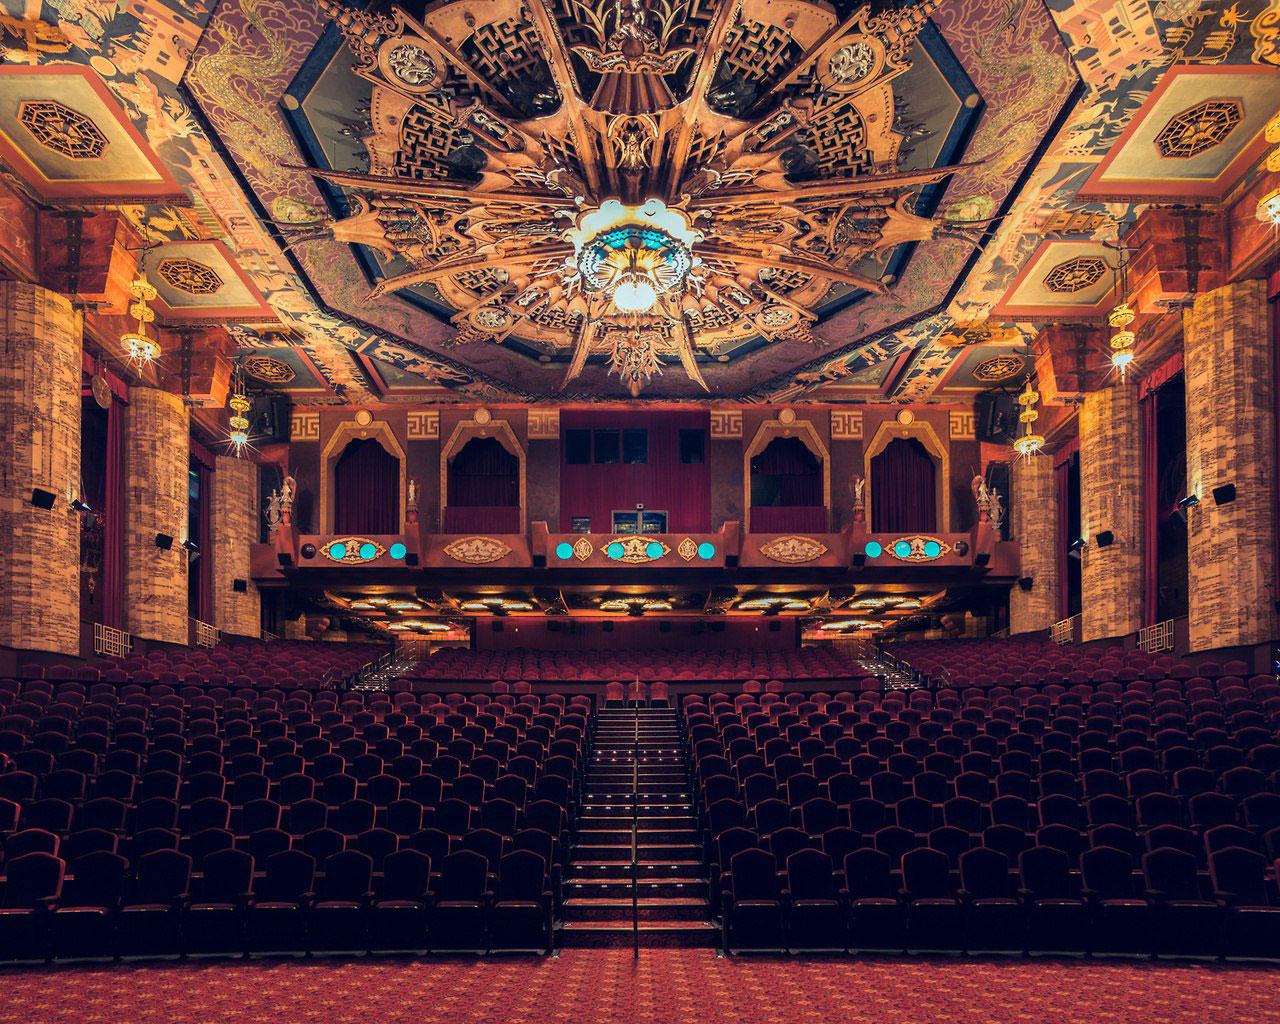 interiores-originales-salas-cine (9)